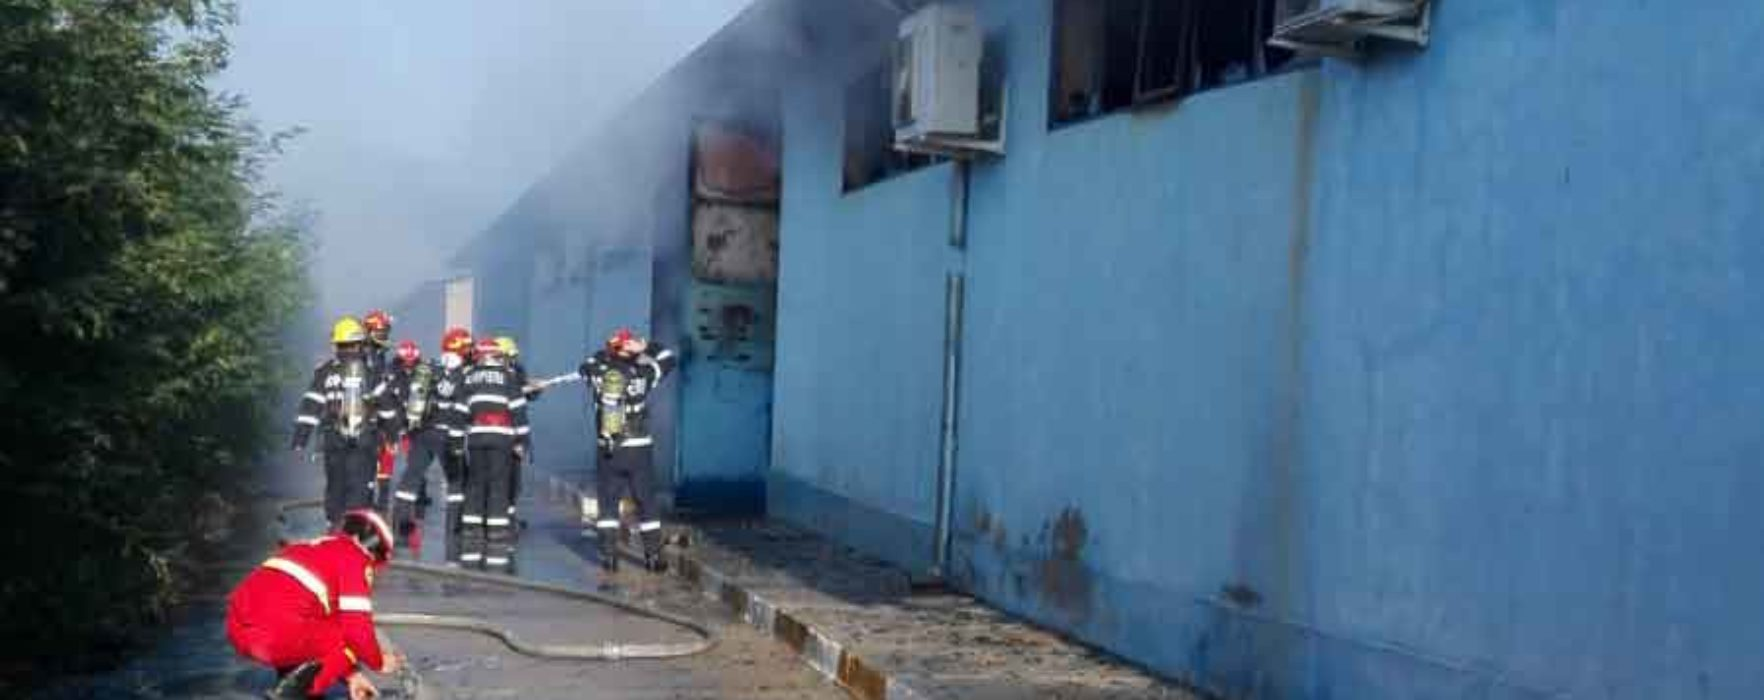 Dâmboviţa: Incendiu la un depozit de substanţe chimice din Butimanu, mesaj RO-Alert